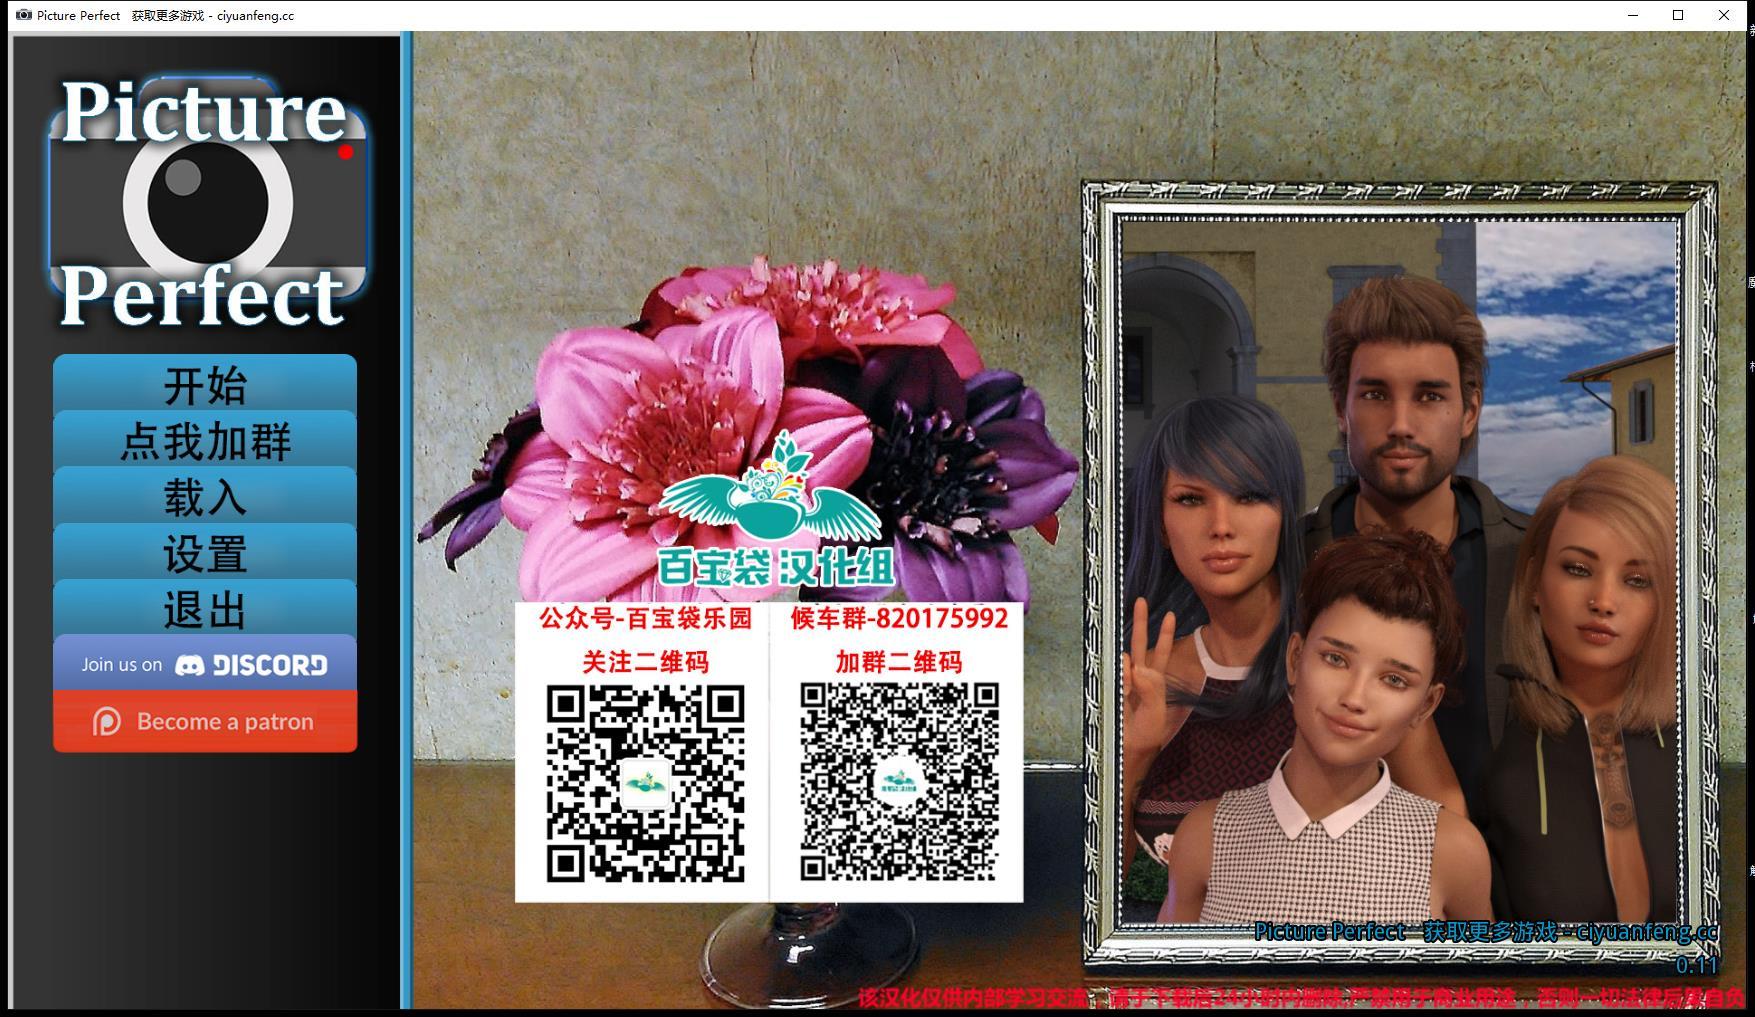 完美照片 Picture Perfect V0.11 PC+安卓汉化版【3.5G/欧美SLG/汉化】 安卓端-第1张